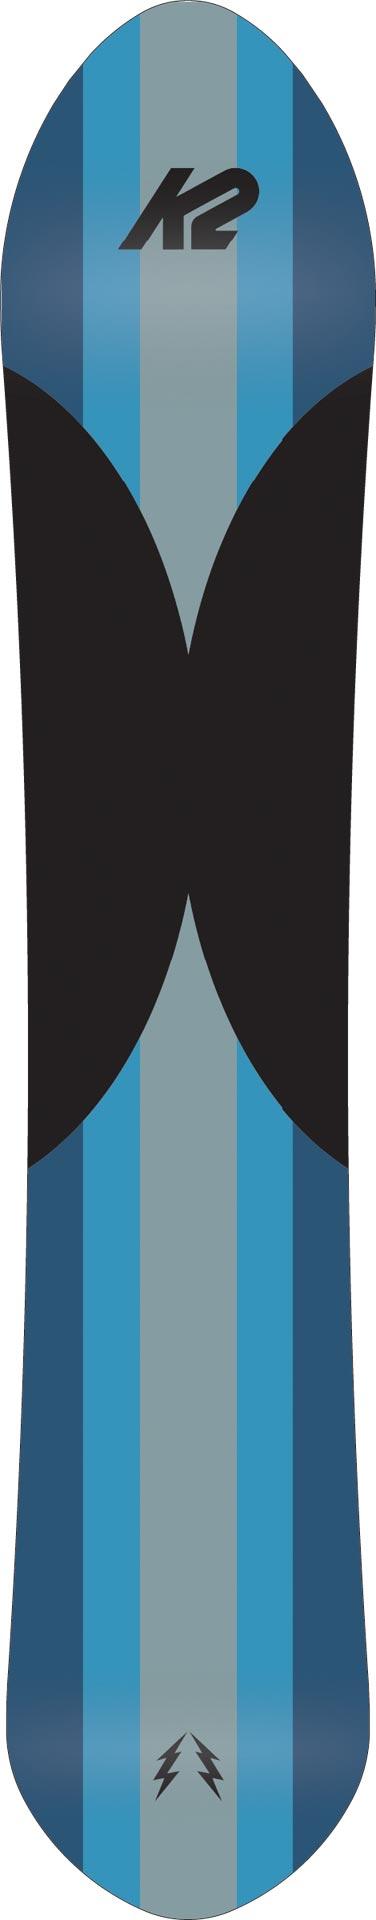 K2: 87 Board (Base)